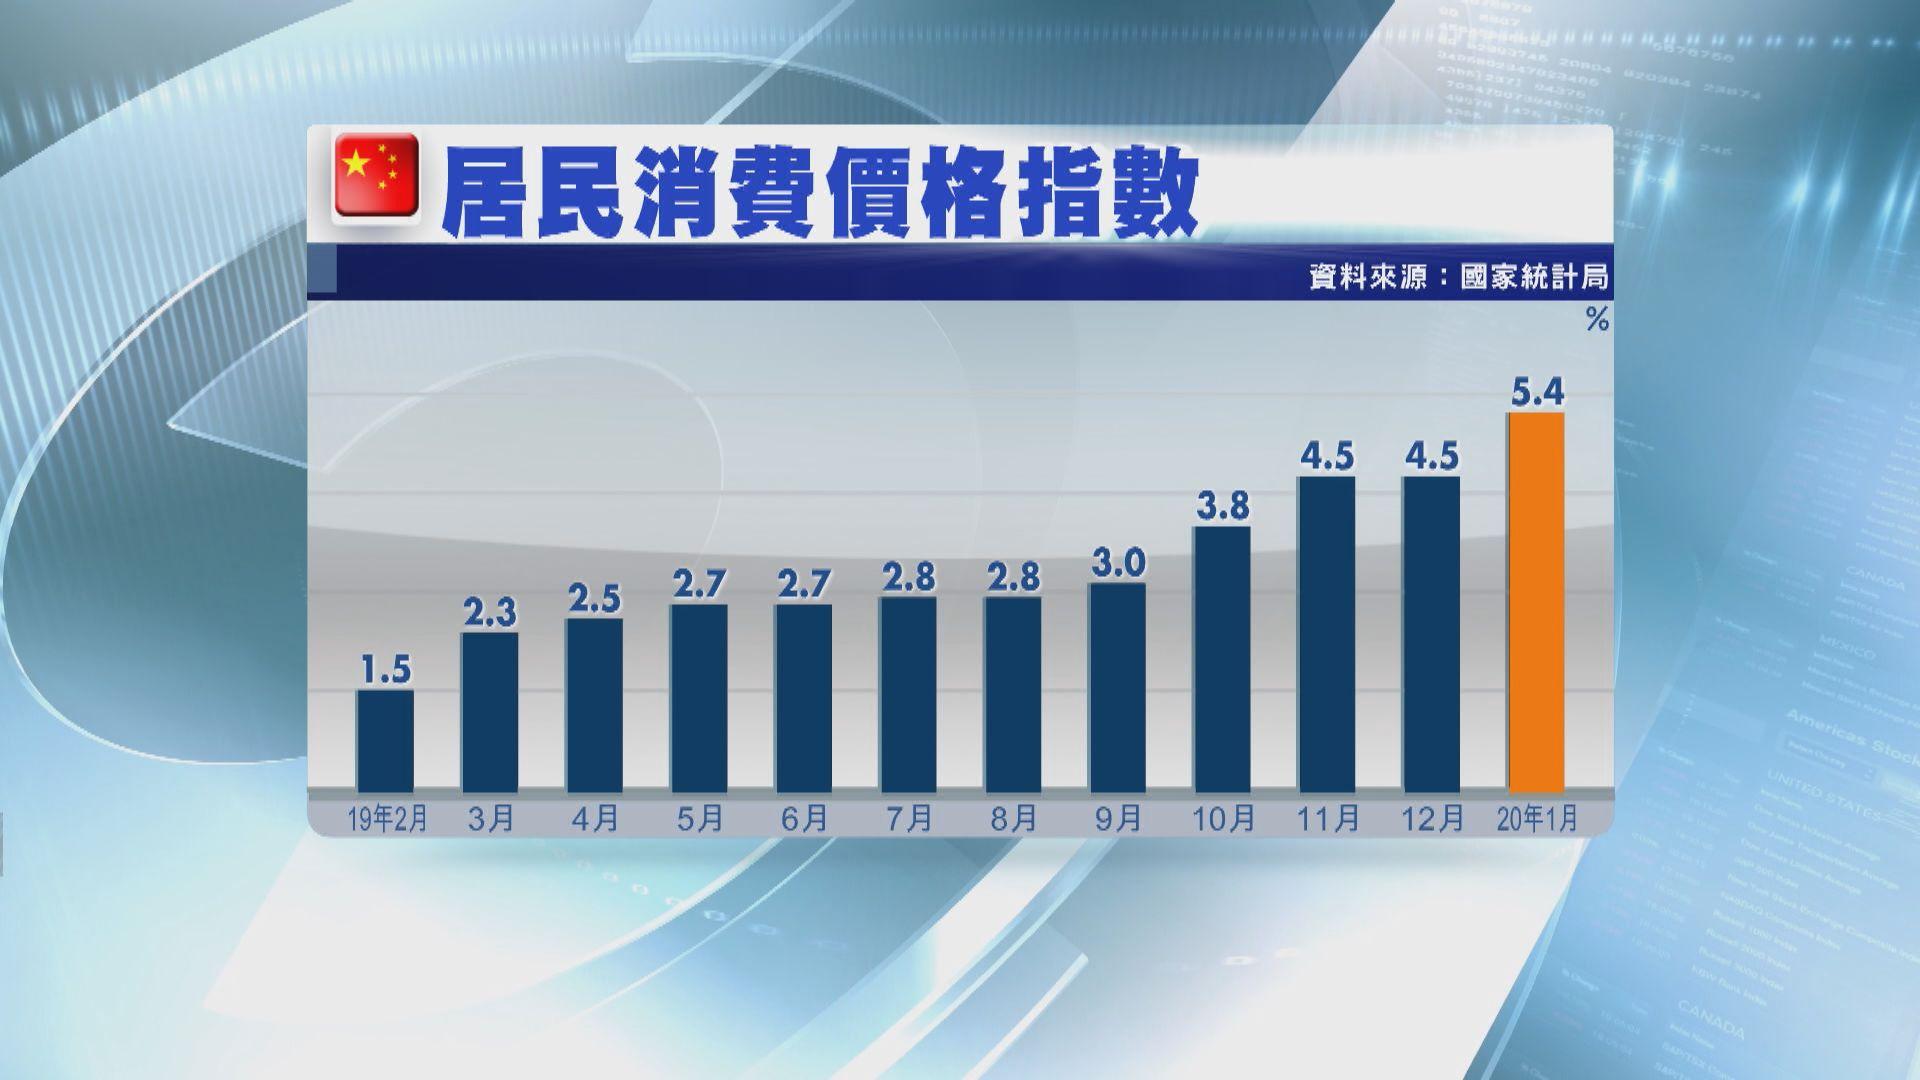 【疫情影響】內地通脹率擴大 分析料2月繼續高企